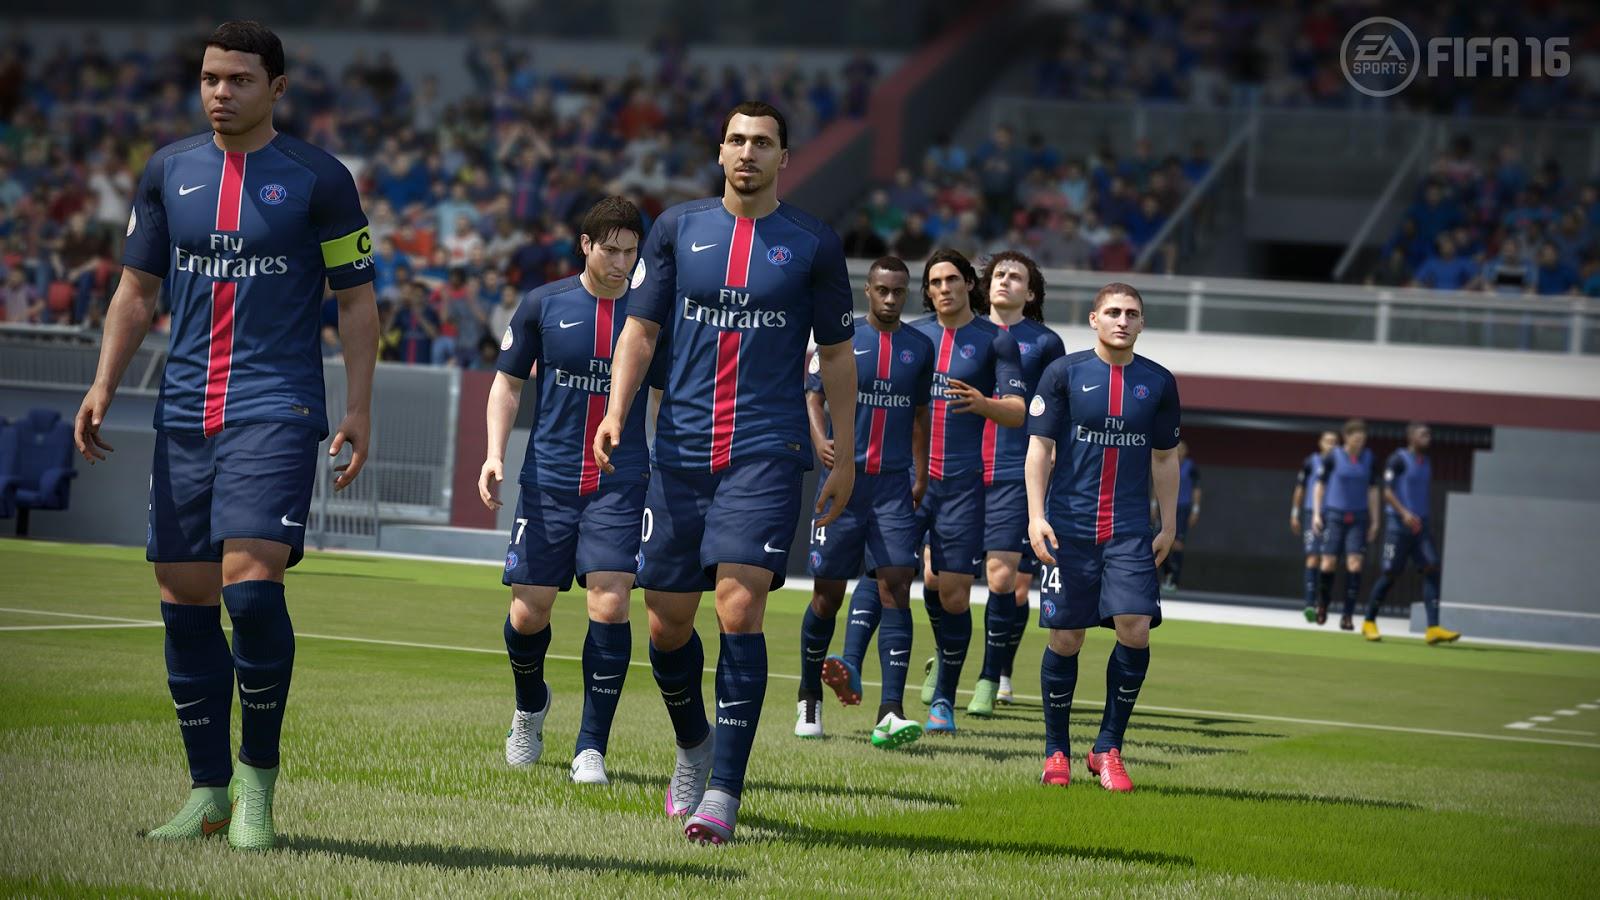 Fifa 16 Pc Release